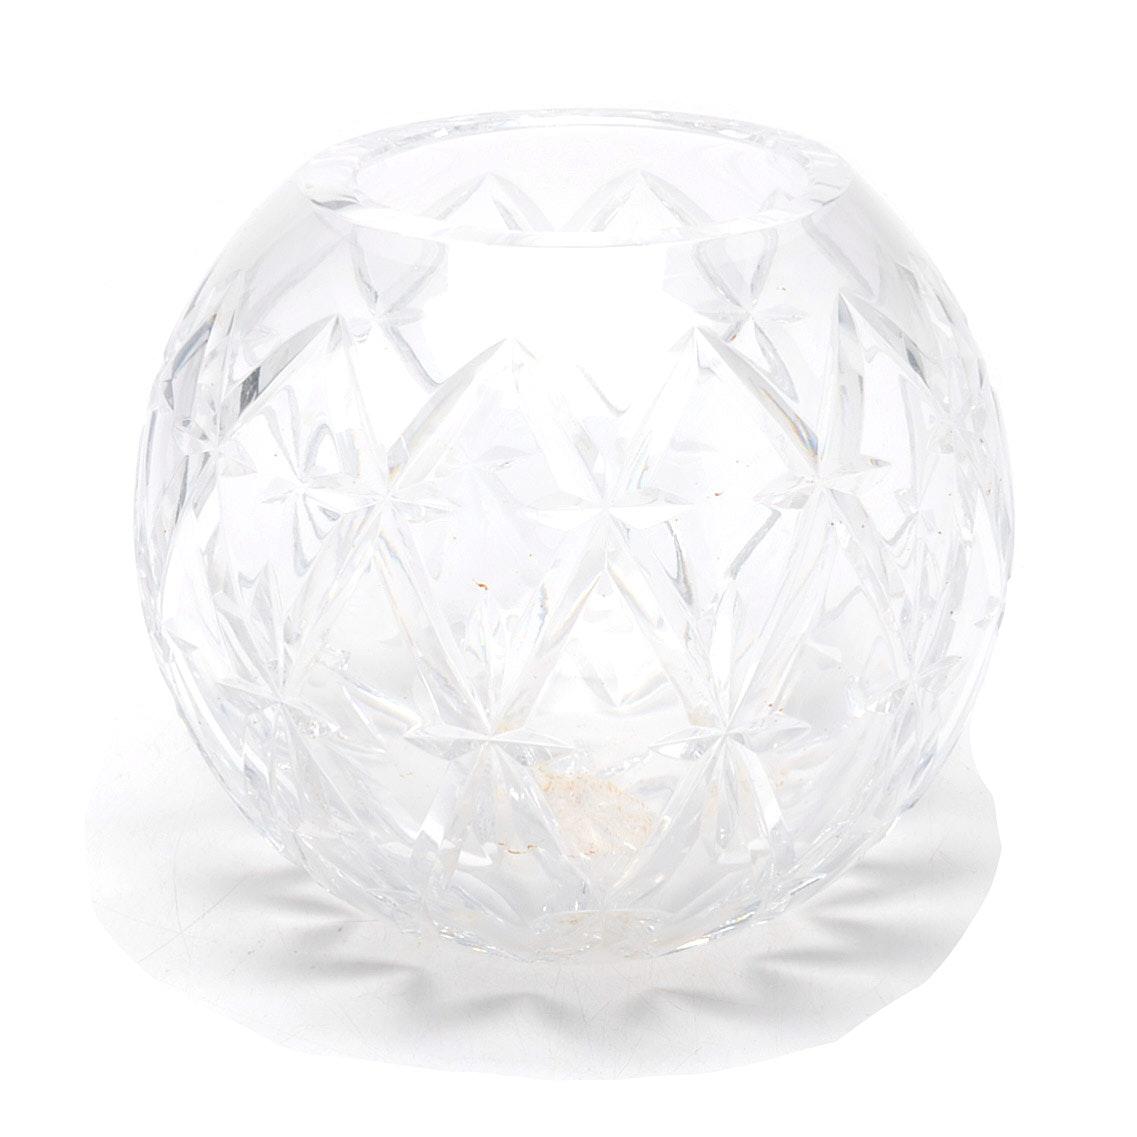 Tiffany and Company Crystal Rose Bowl